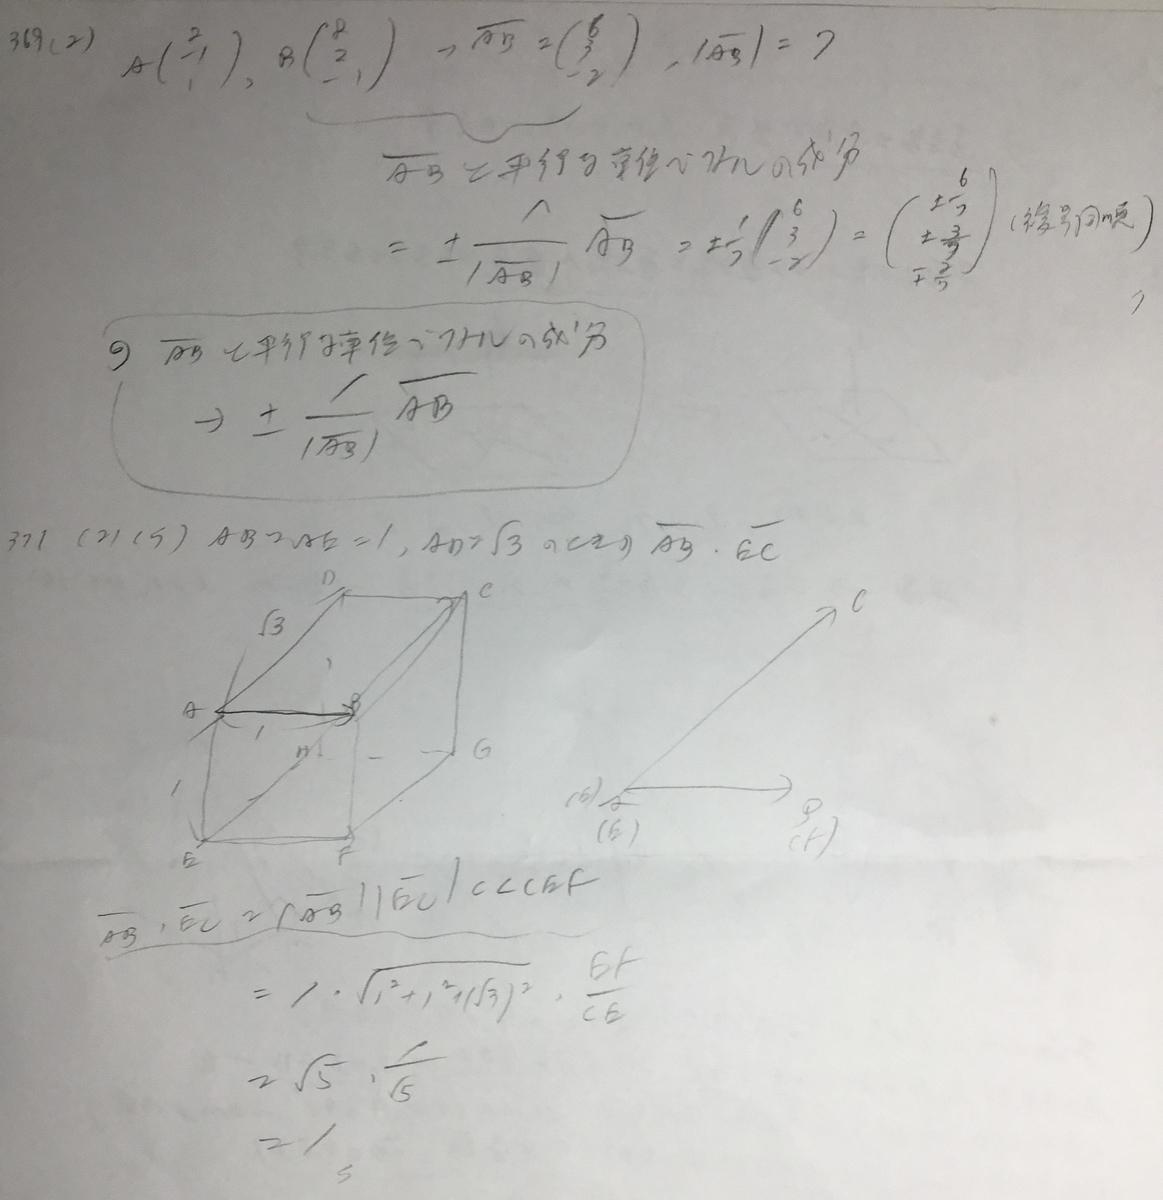 f:id:manaveemath:20200303235257j:plain